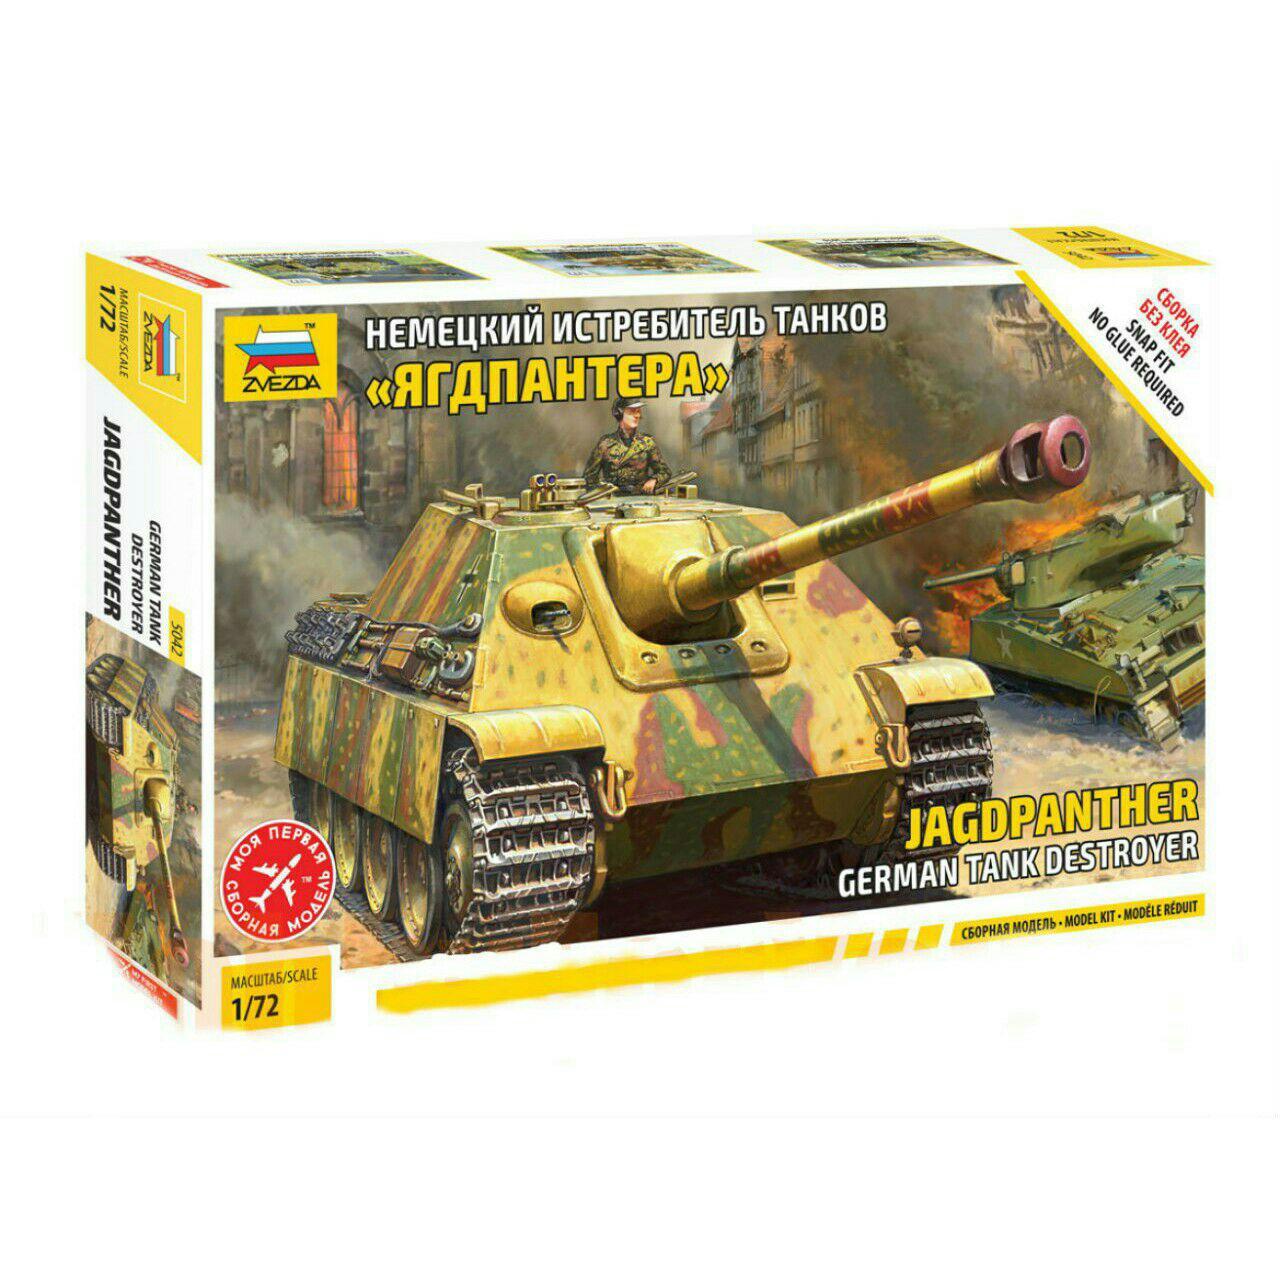 Купить Модель сборная - Немецкий истребитель танков Ягдпантера, Звезда